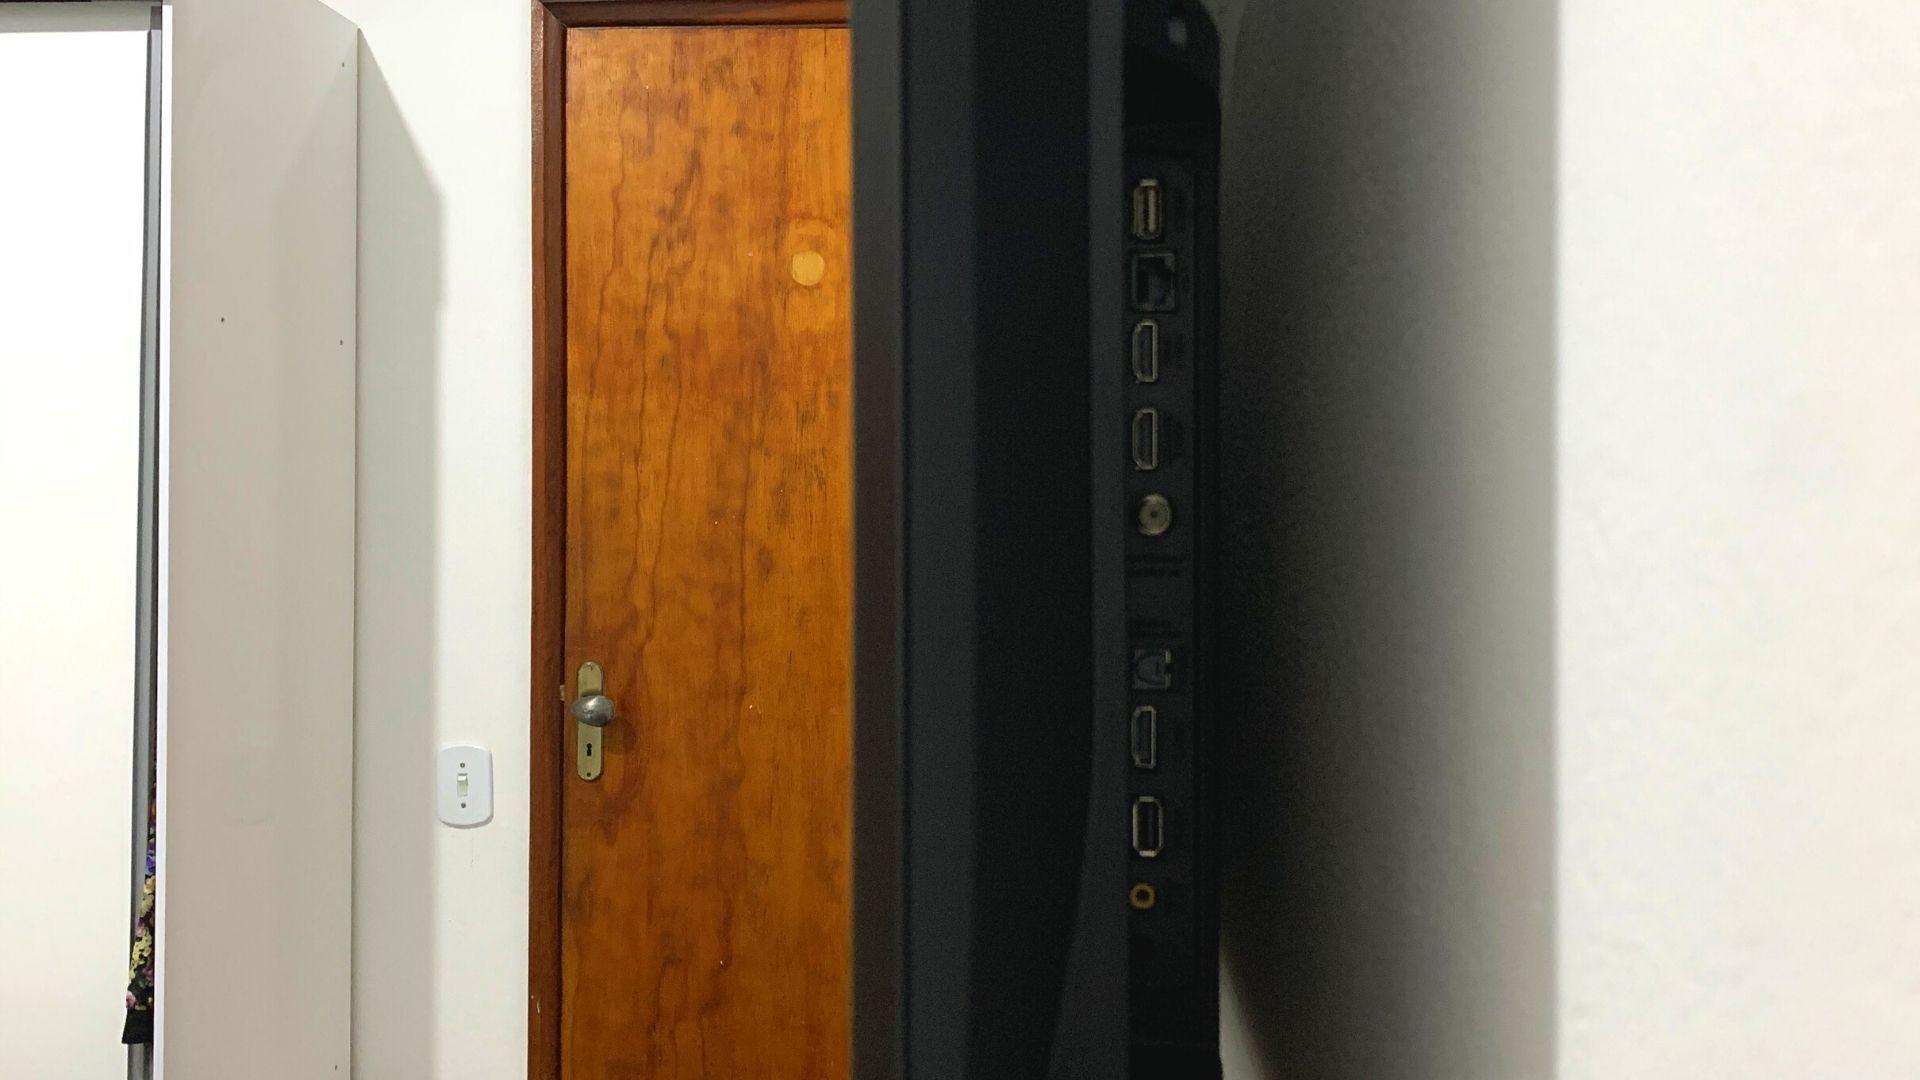 TCL P715 tem boa quantidade de conexões para uma TV 4K de entrada. (Imagem: Yulli Dias/Zoom)